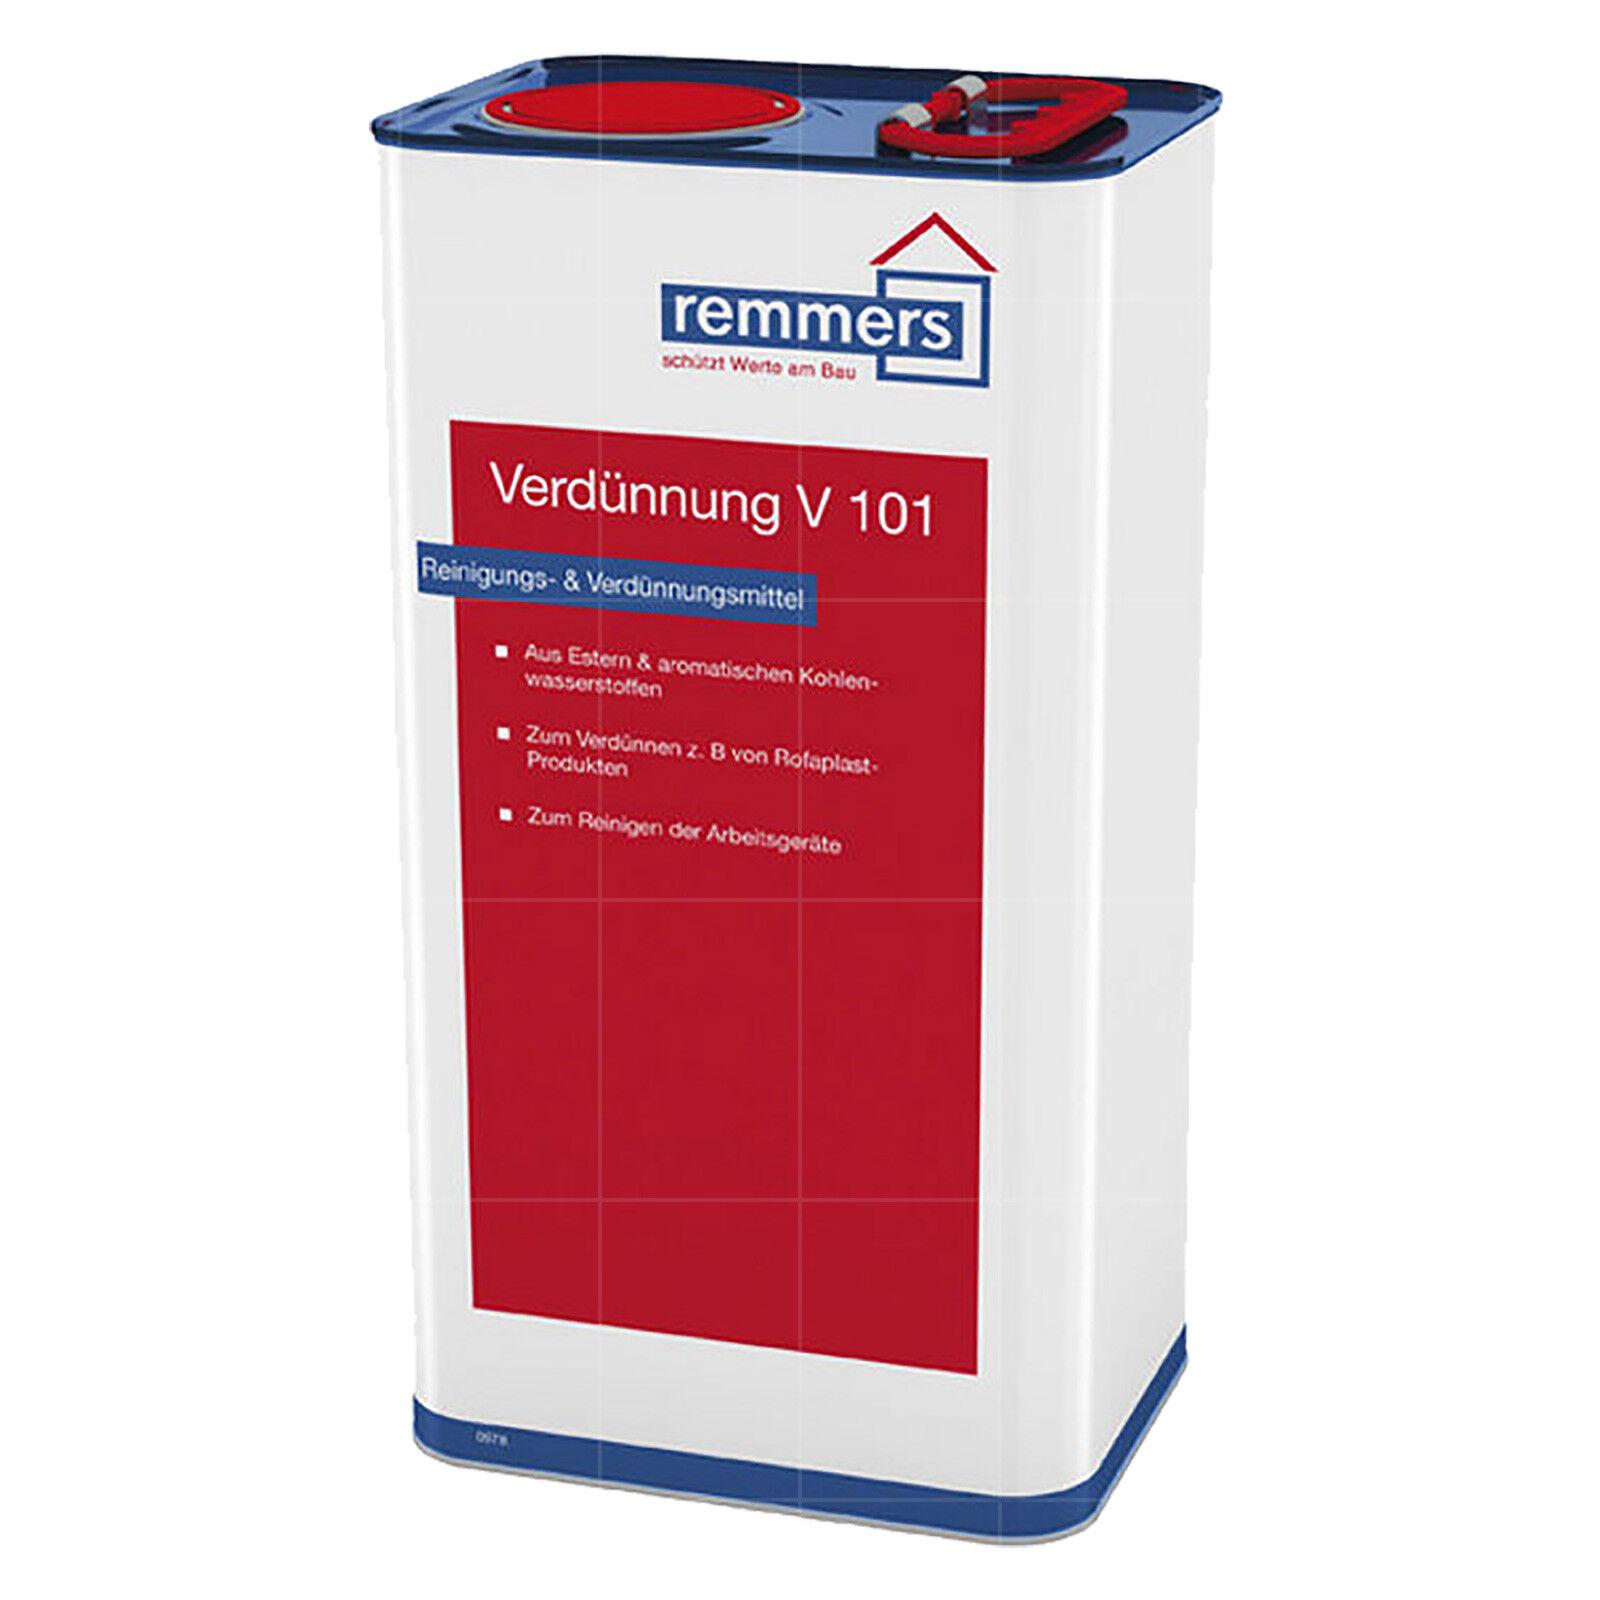 /L Remmers Verdünnung V101 Reiniger Verdünner Universalreinigungsmittel 5L